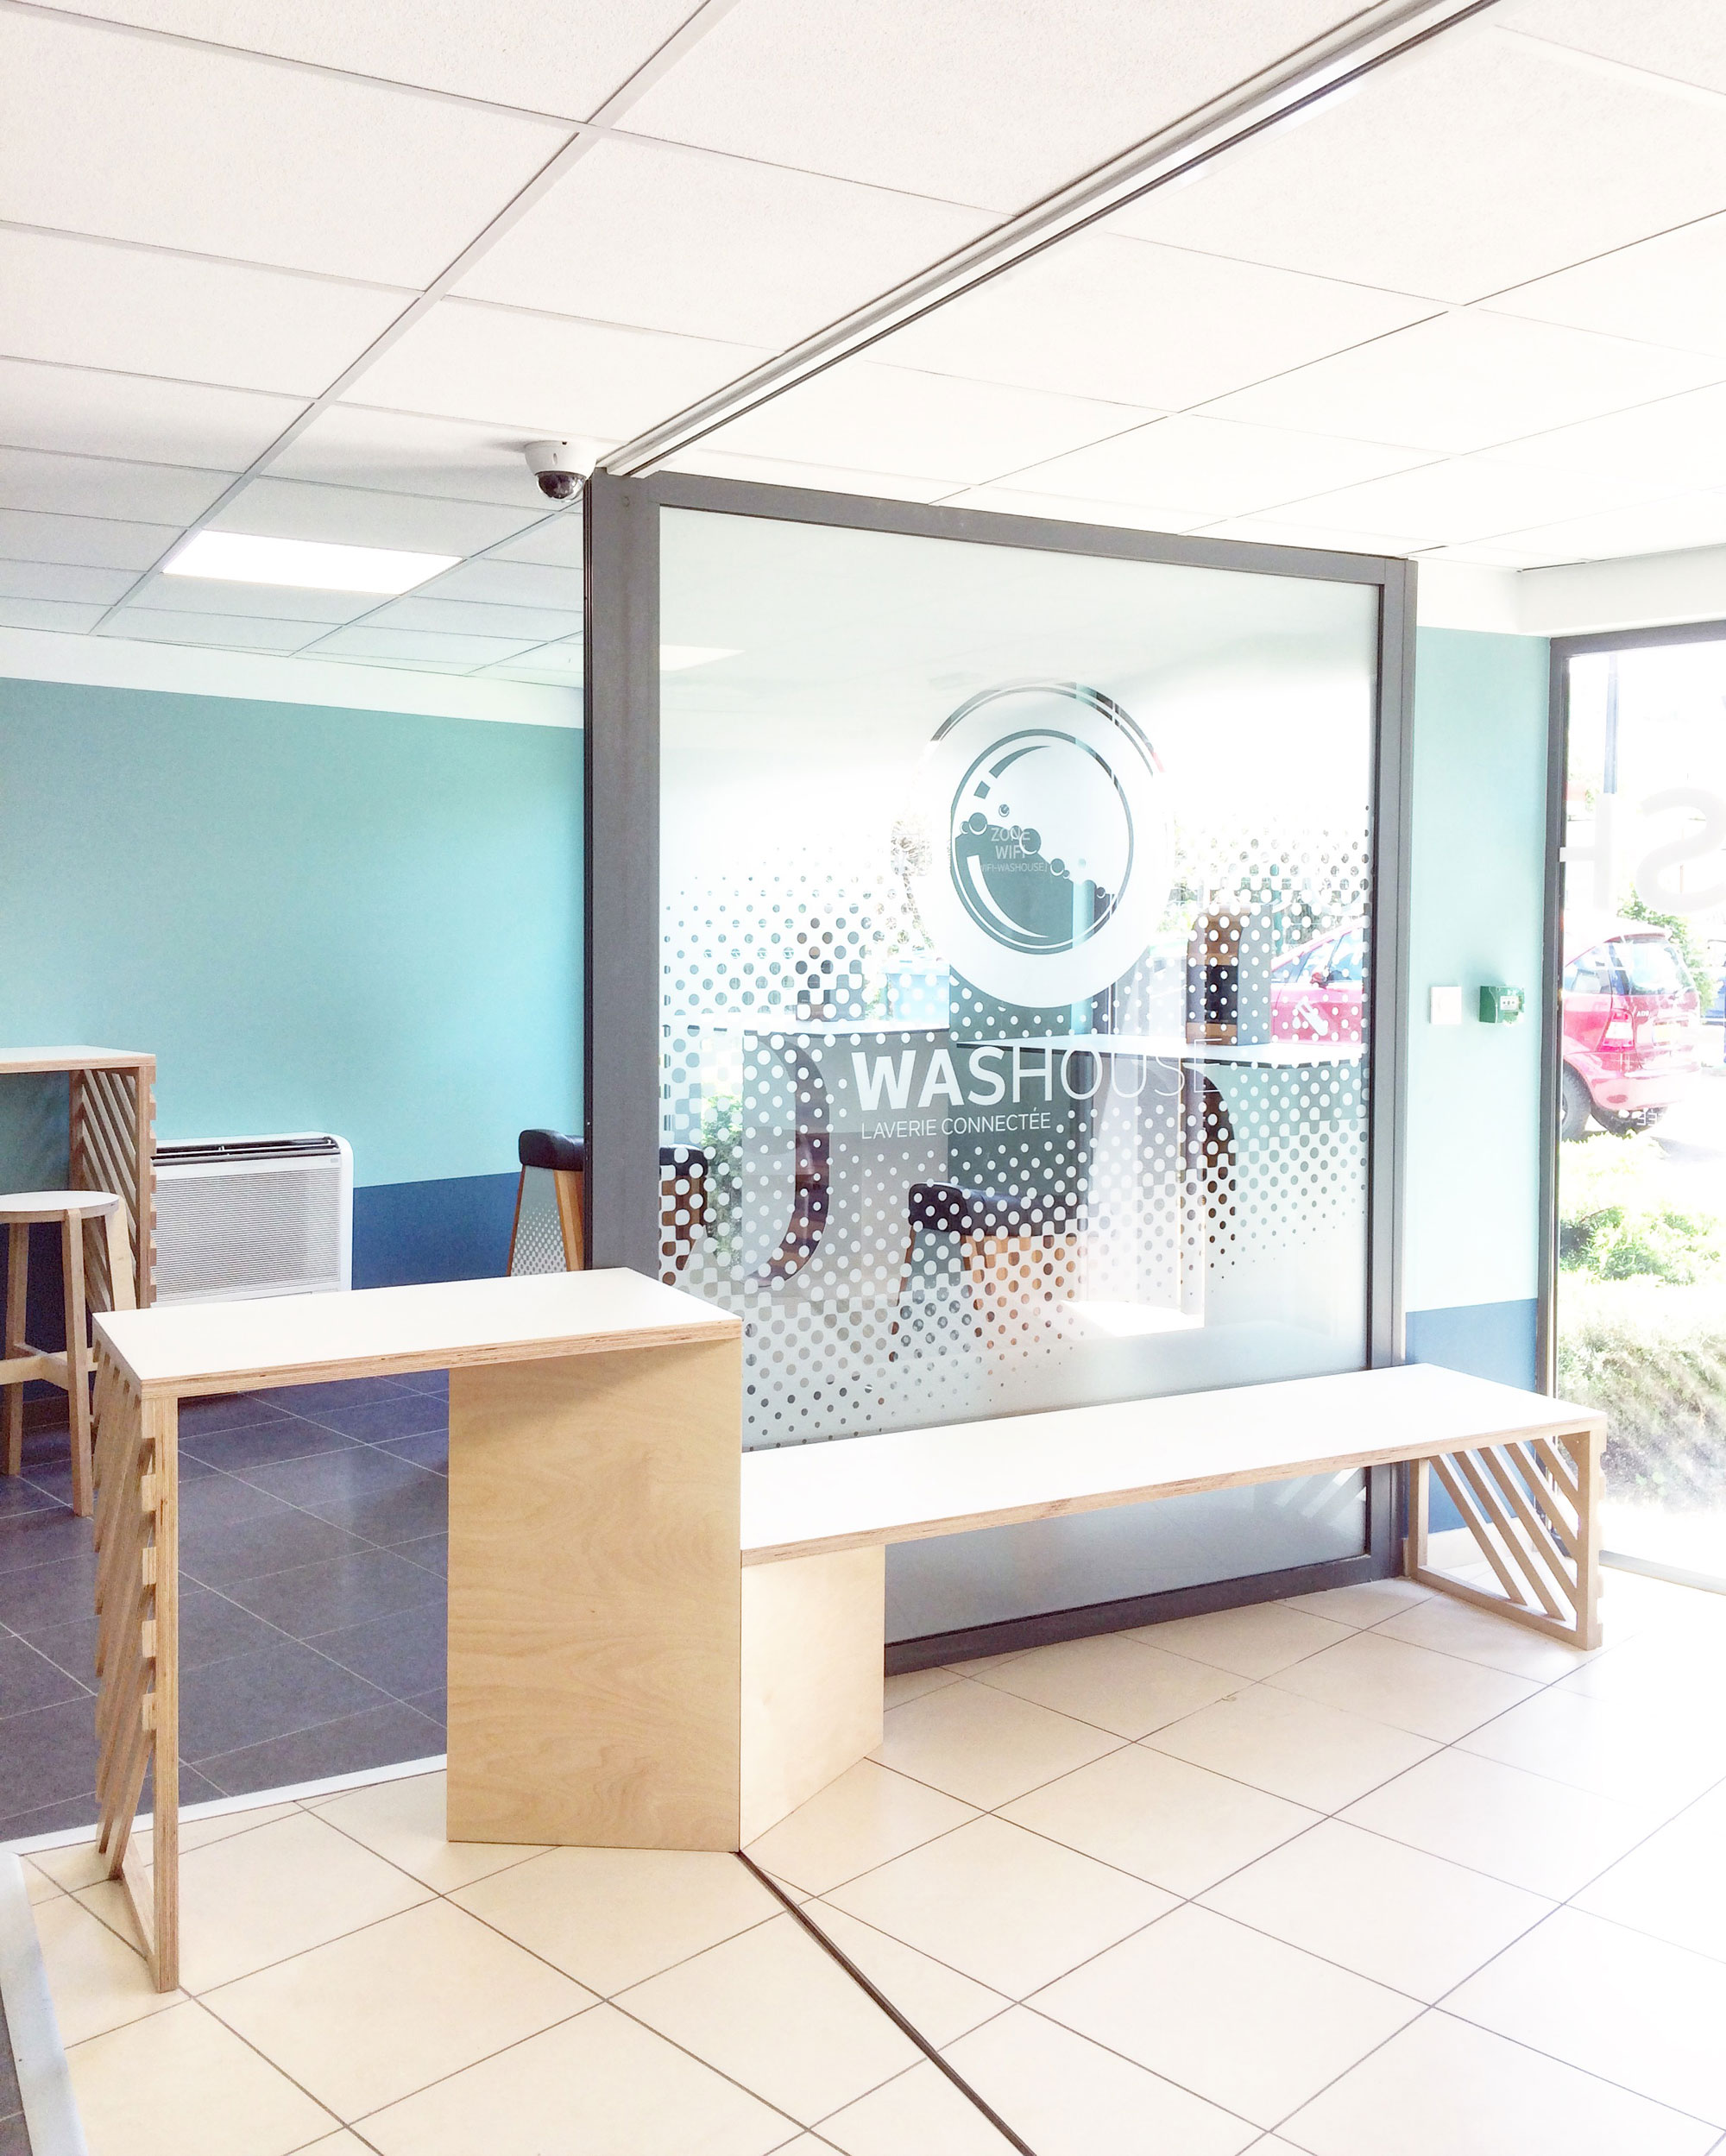 AGENCEMENT MAGASIN • Mobilier sur-mesure pour une franchise de laverie connectée